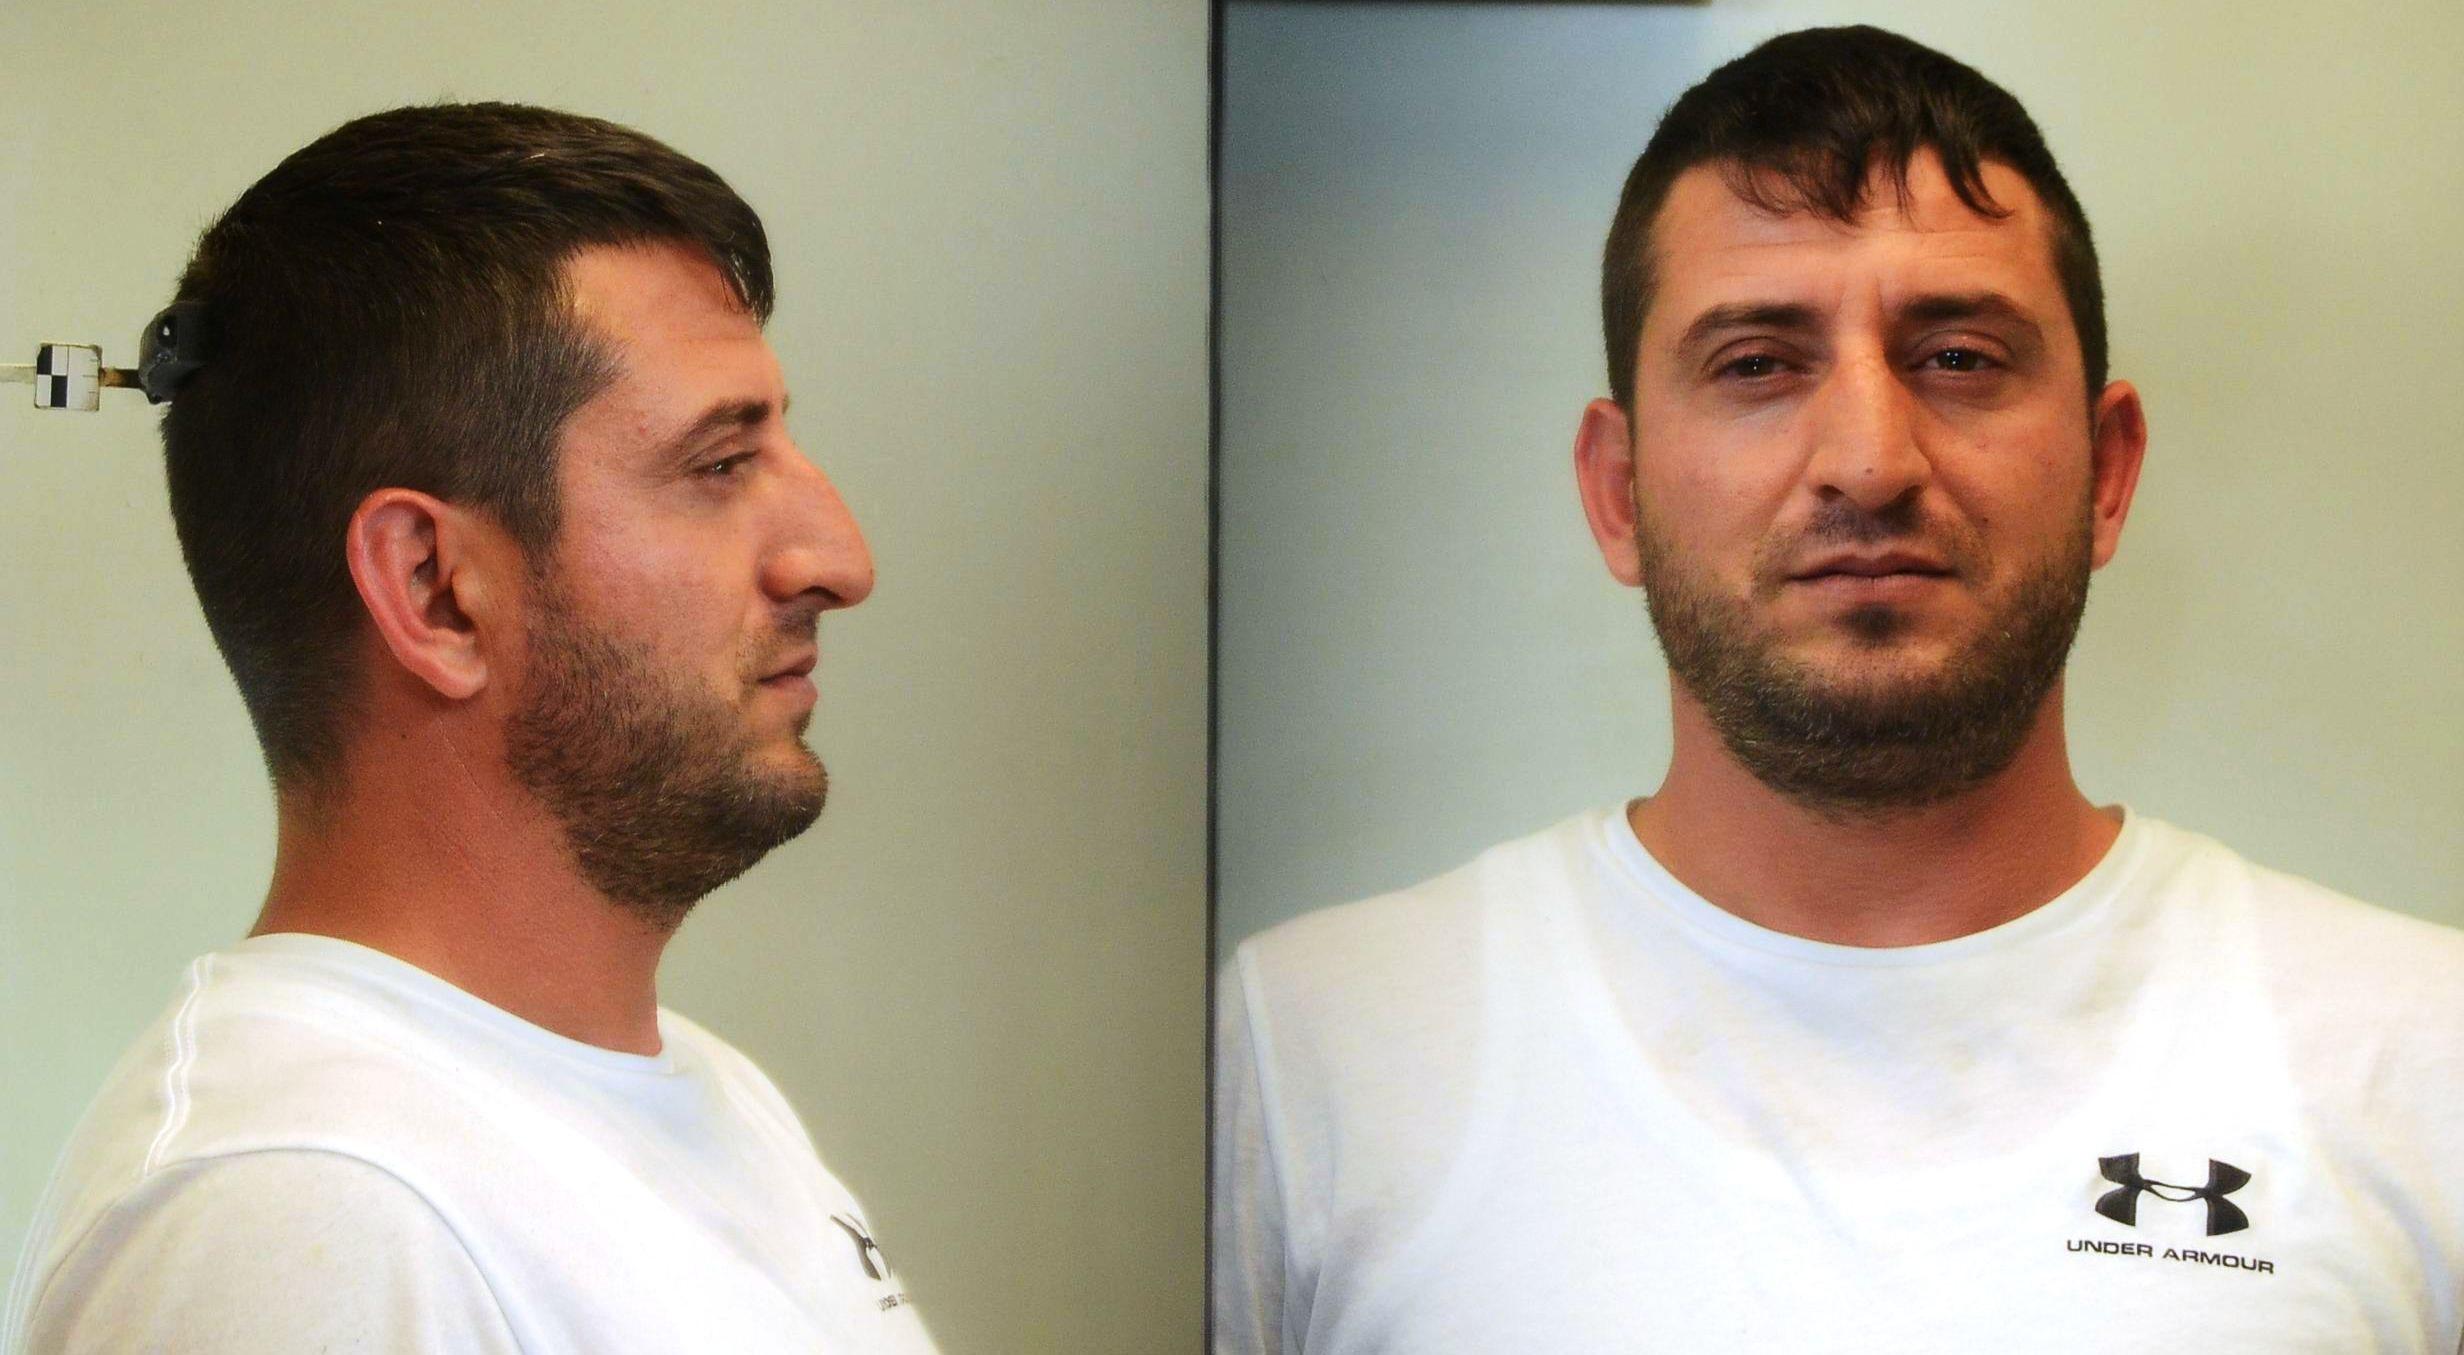 Δύο Λαρισαίοι στην συμμορία που έκανε ένοπλες ληστείες σε σπίτια και καταστήματα στην Αθήνα